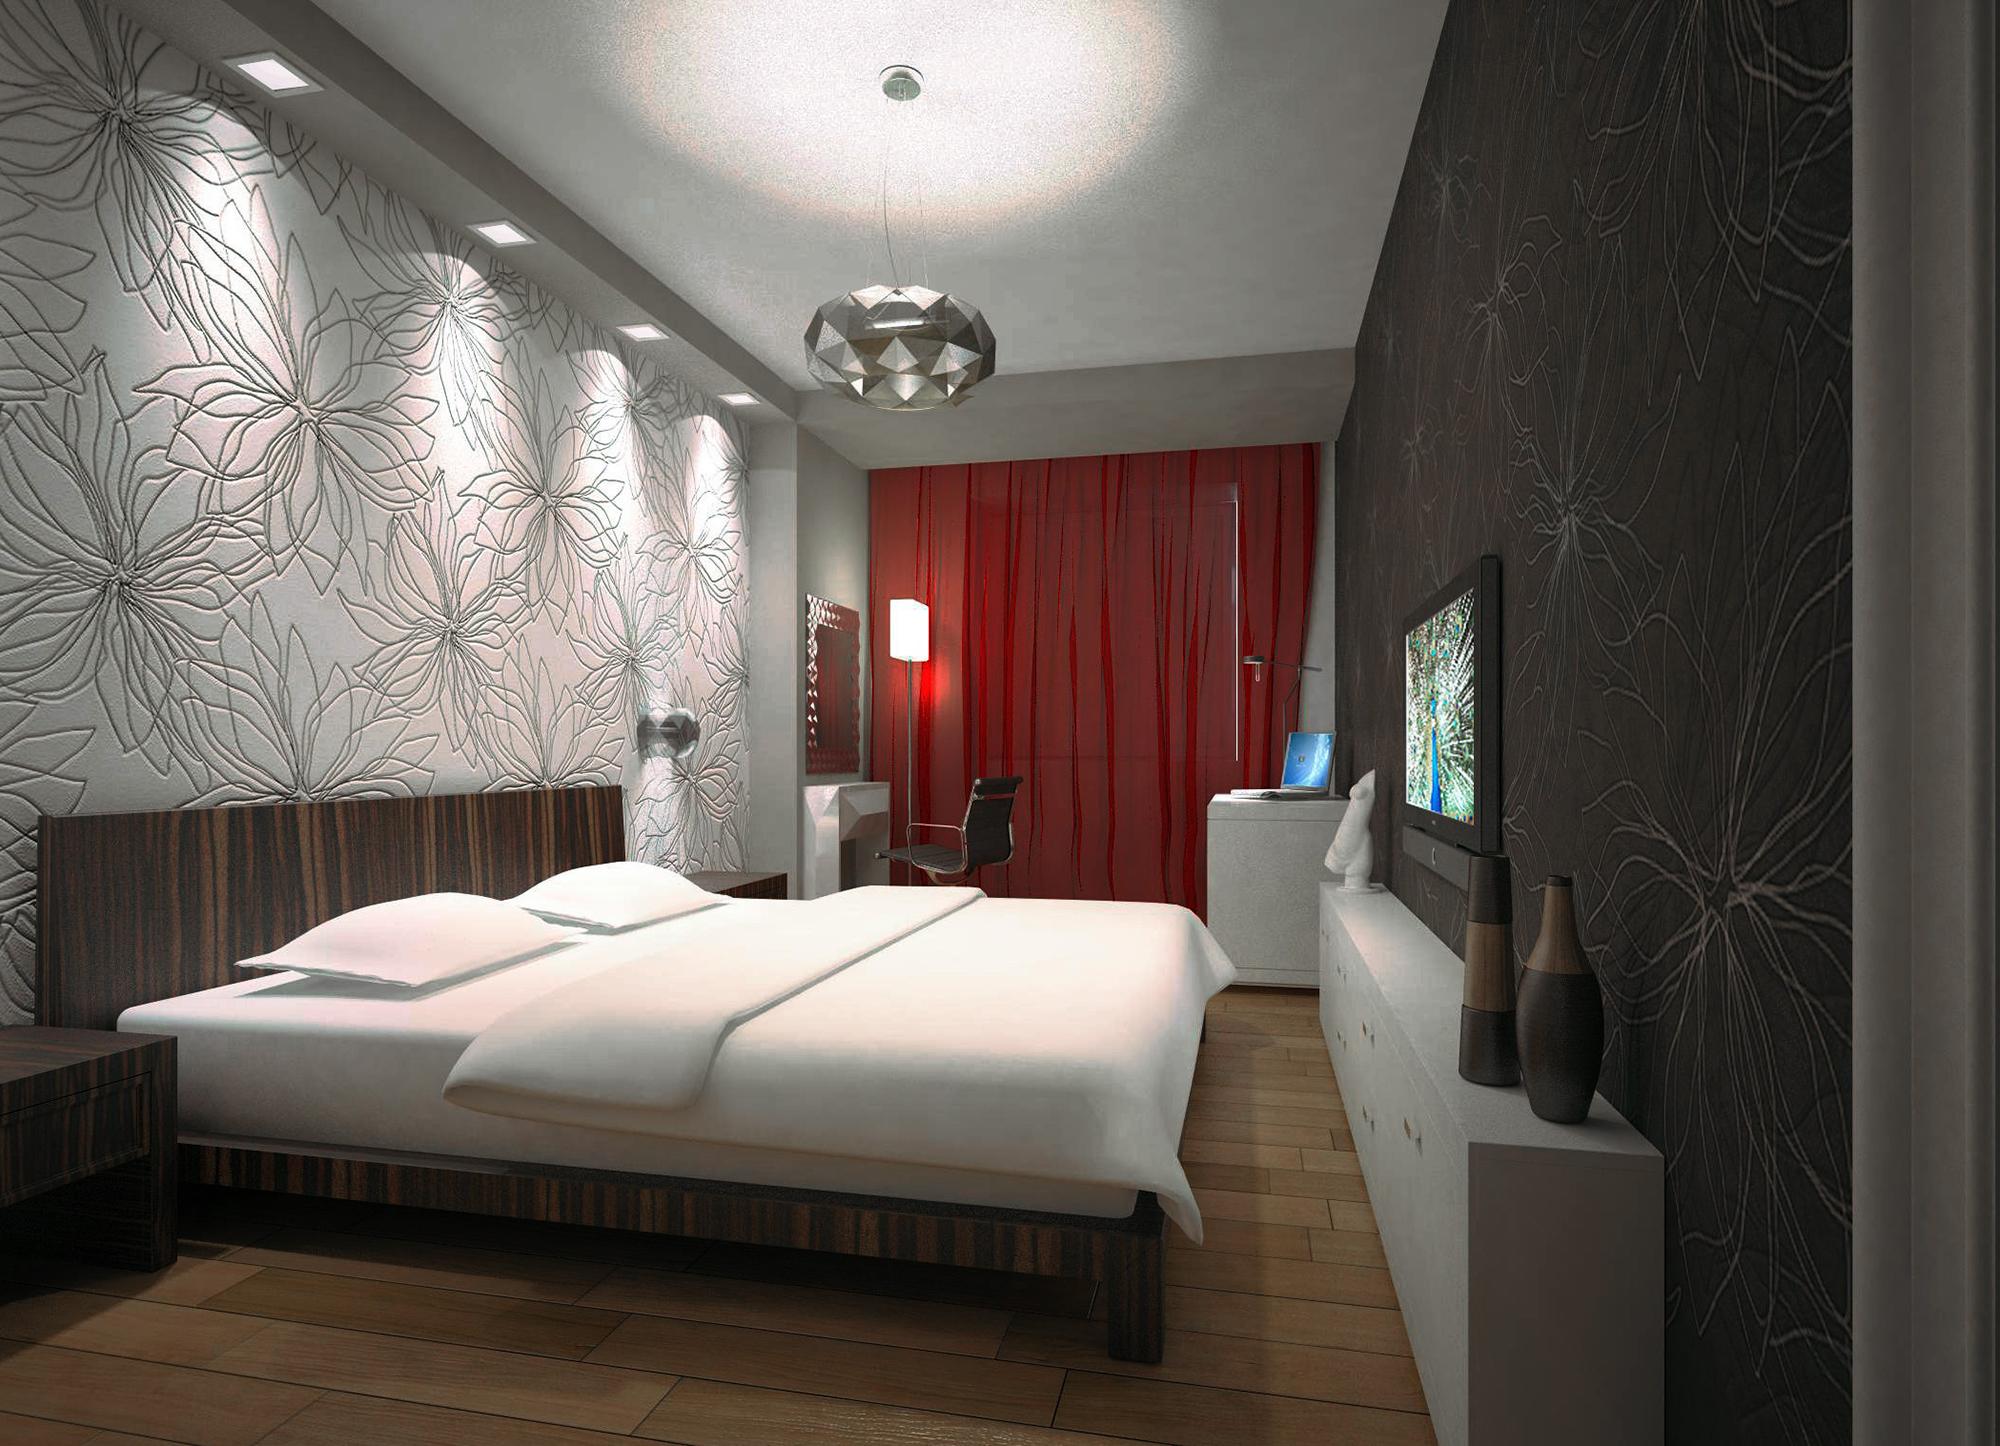 Обилие различного освещения в спальне